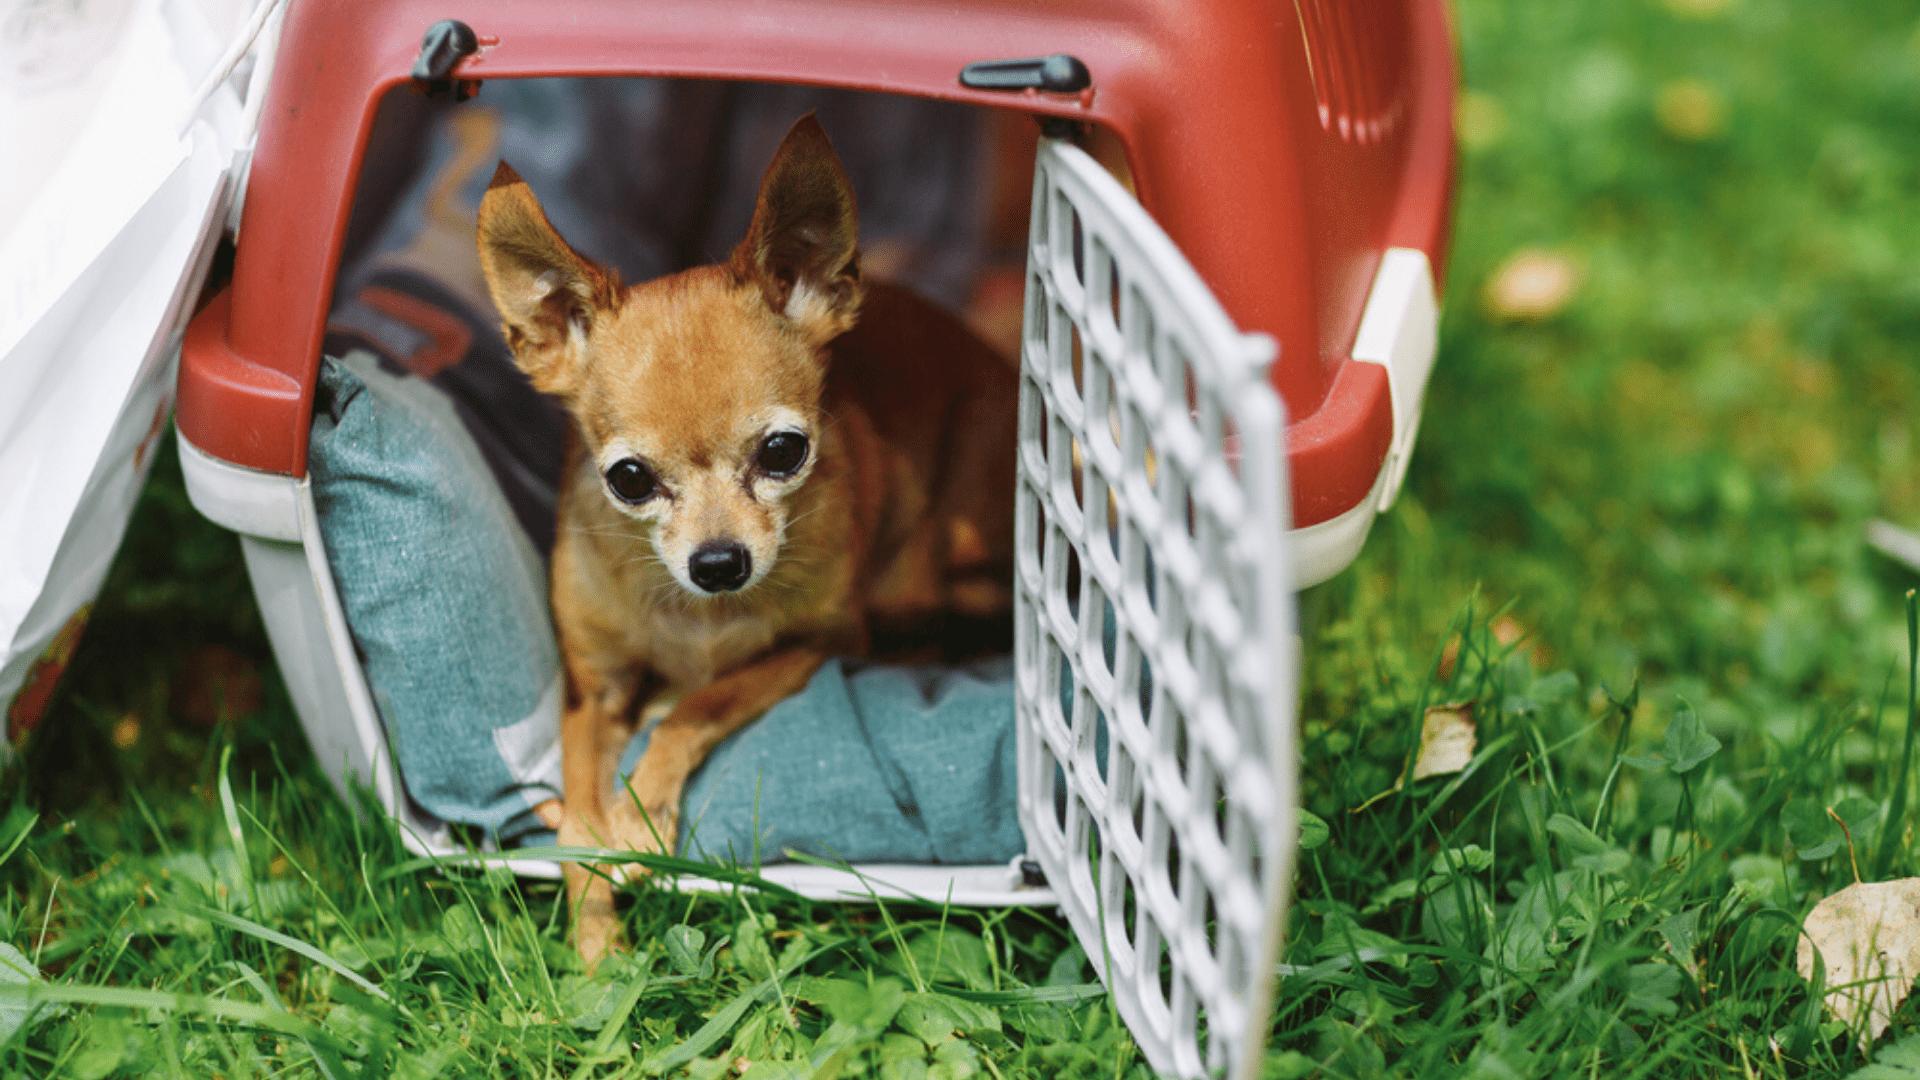 A melhor caixa de transporte para cachorro precisa se adequar ao porte e à idade do animal (Imagem: Reprodução/Shutterstock)